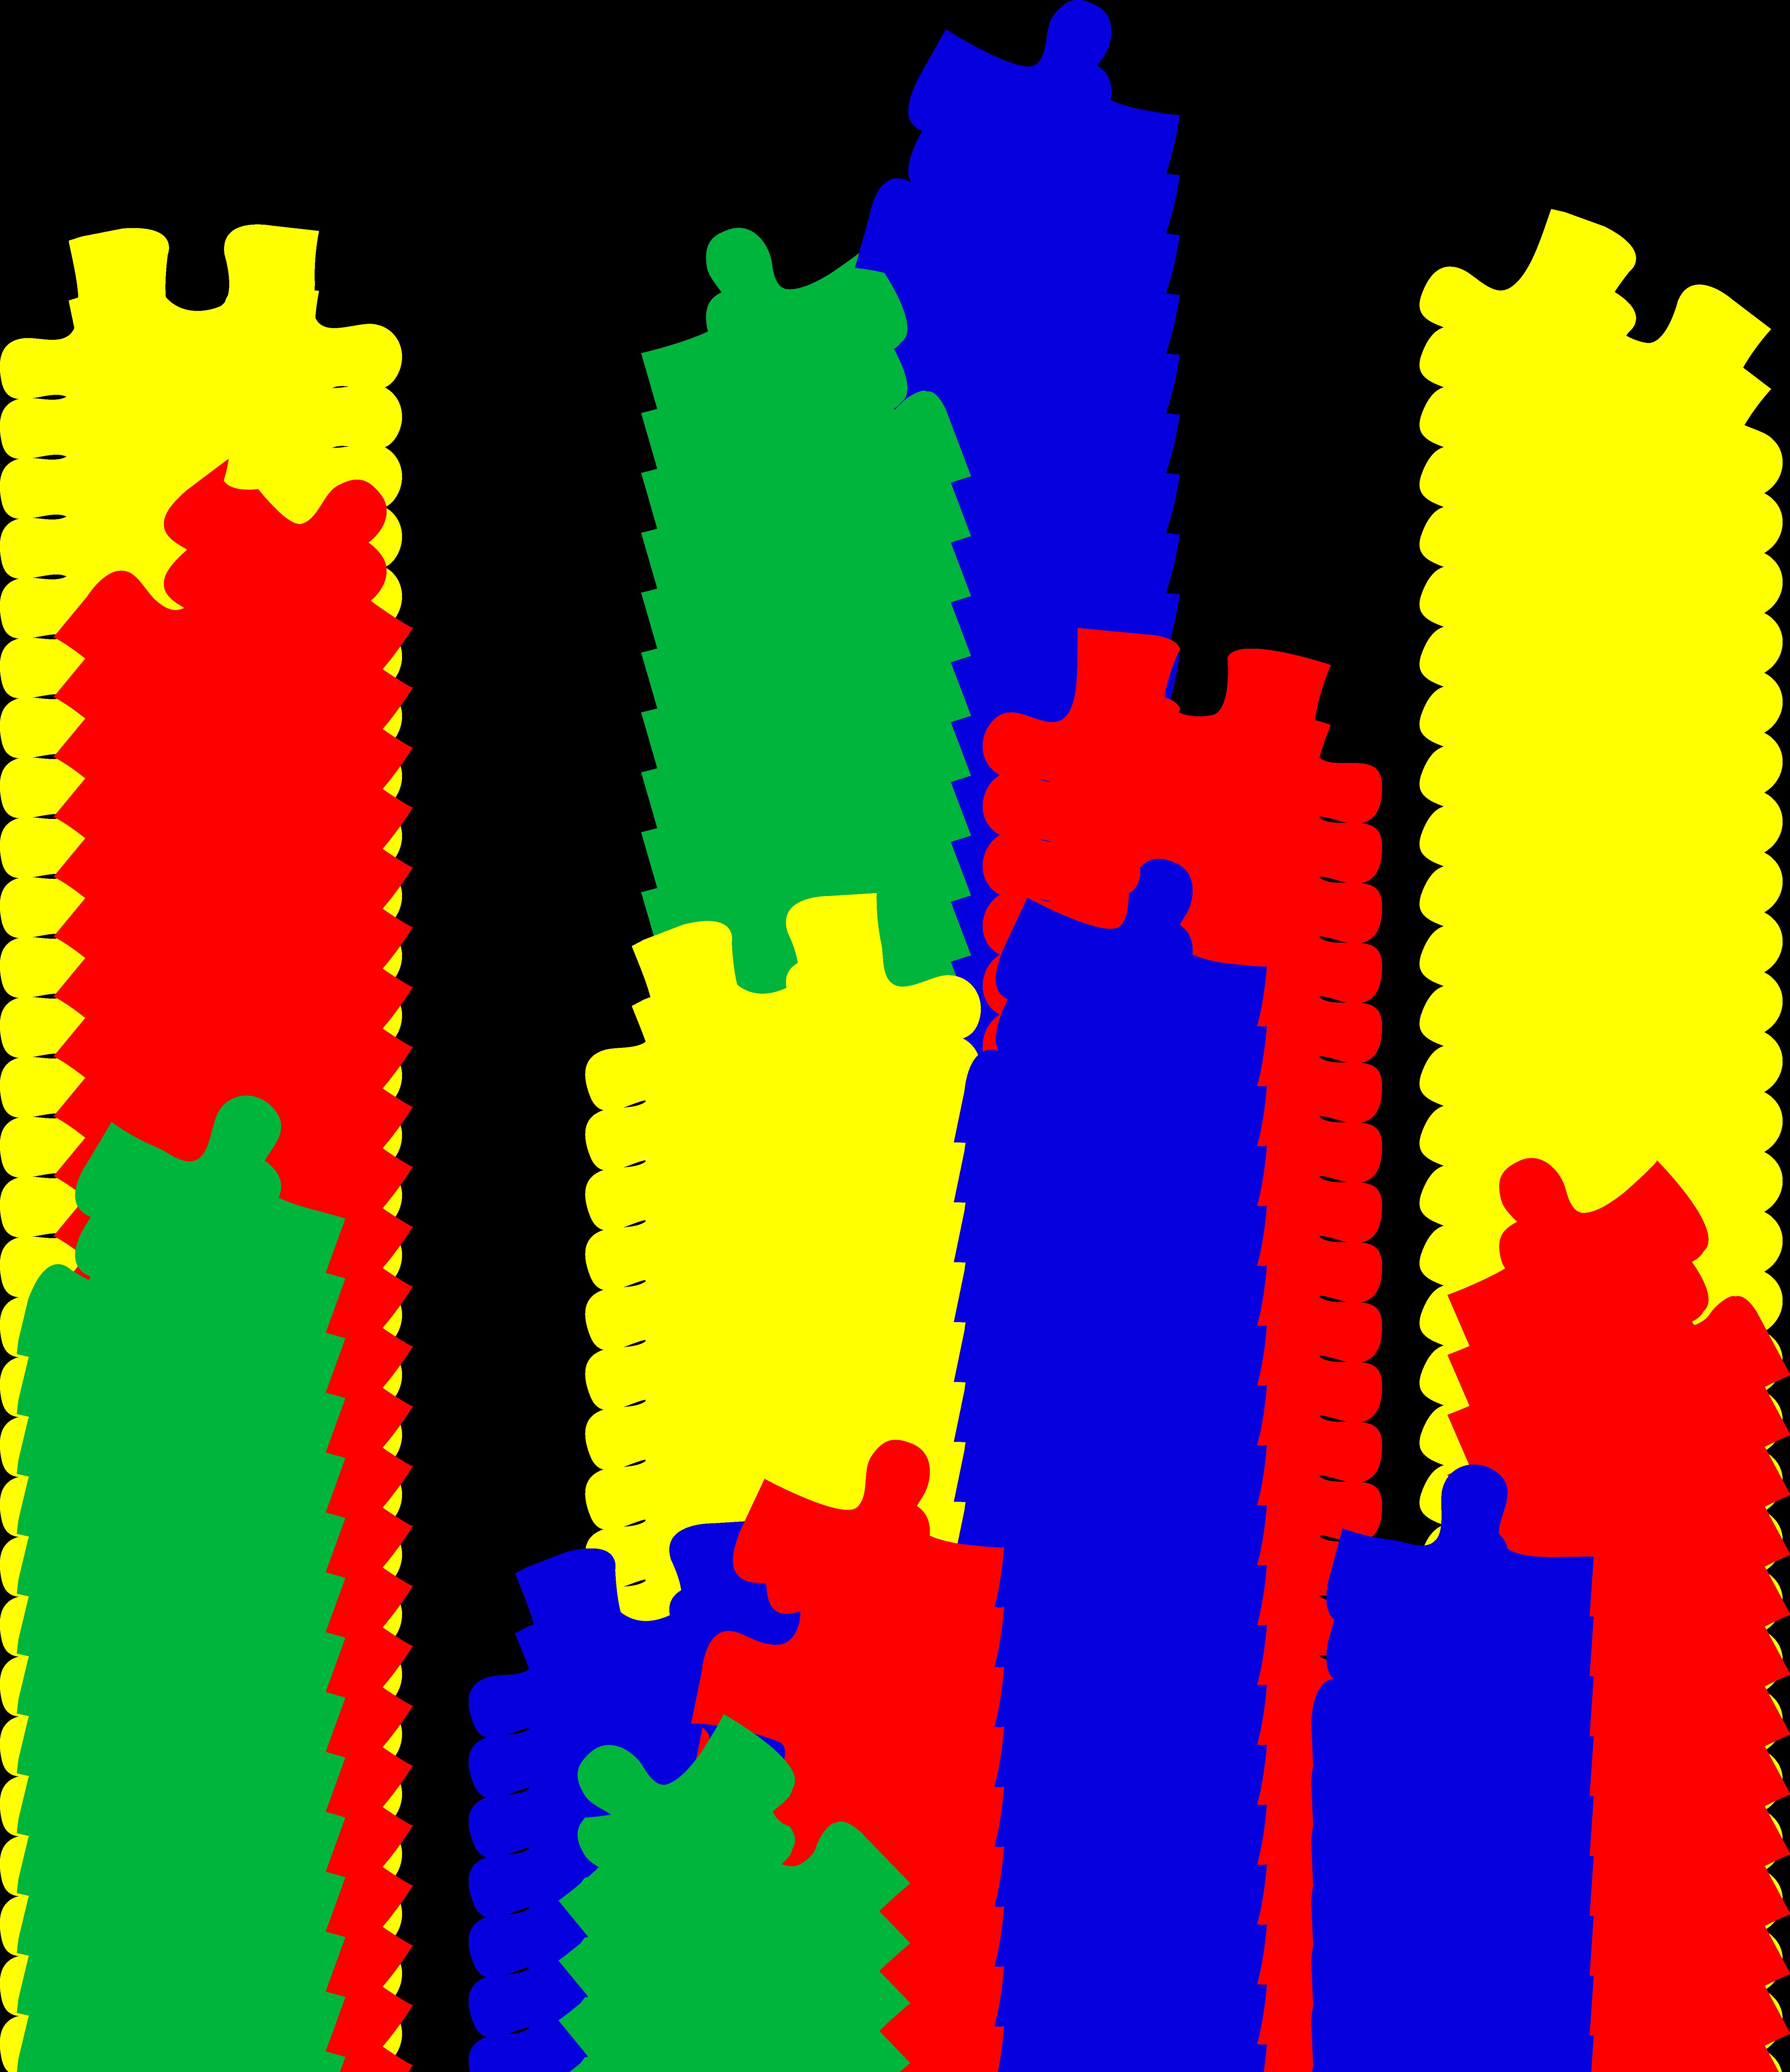 Autism images clip art clip stock Autism Puzzle Piece Clip Art N35 free image clip stock